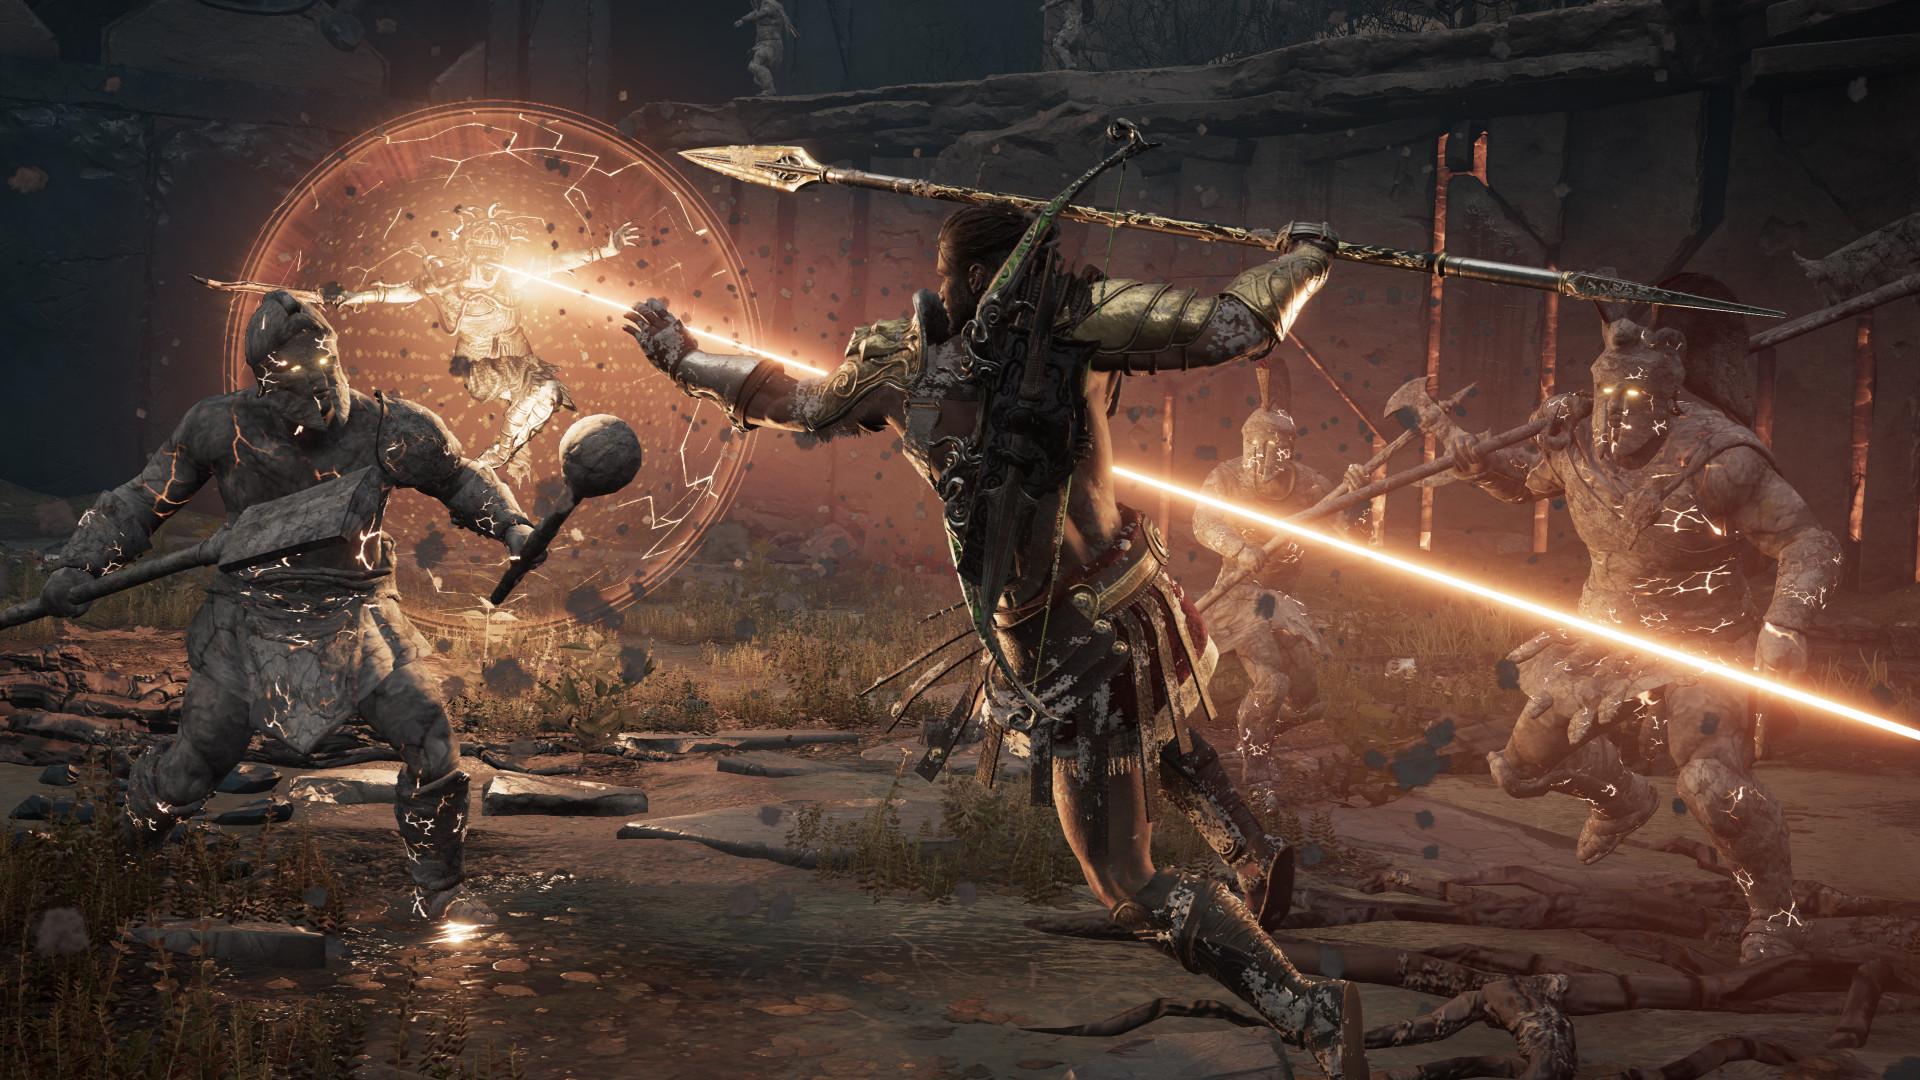 Автор сценария Assassin's Creed Odyssey использовала фанатскую энциклопедию для изучения лора игры